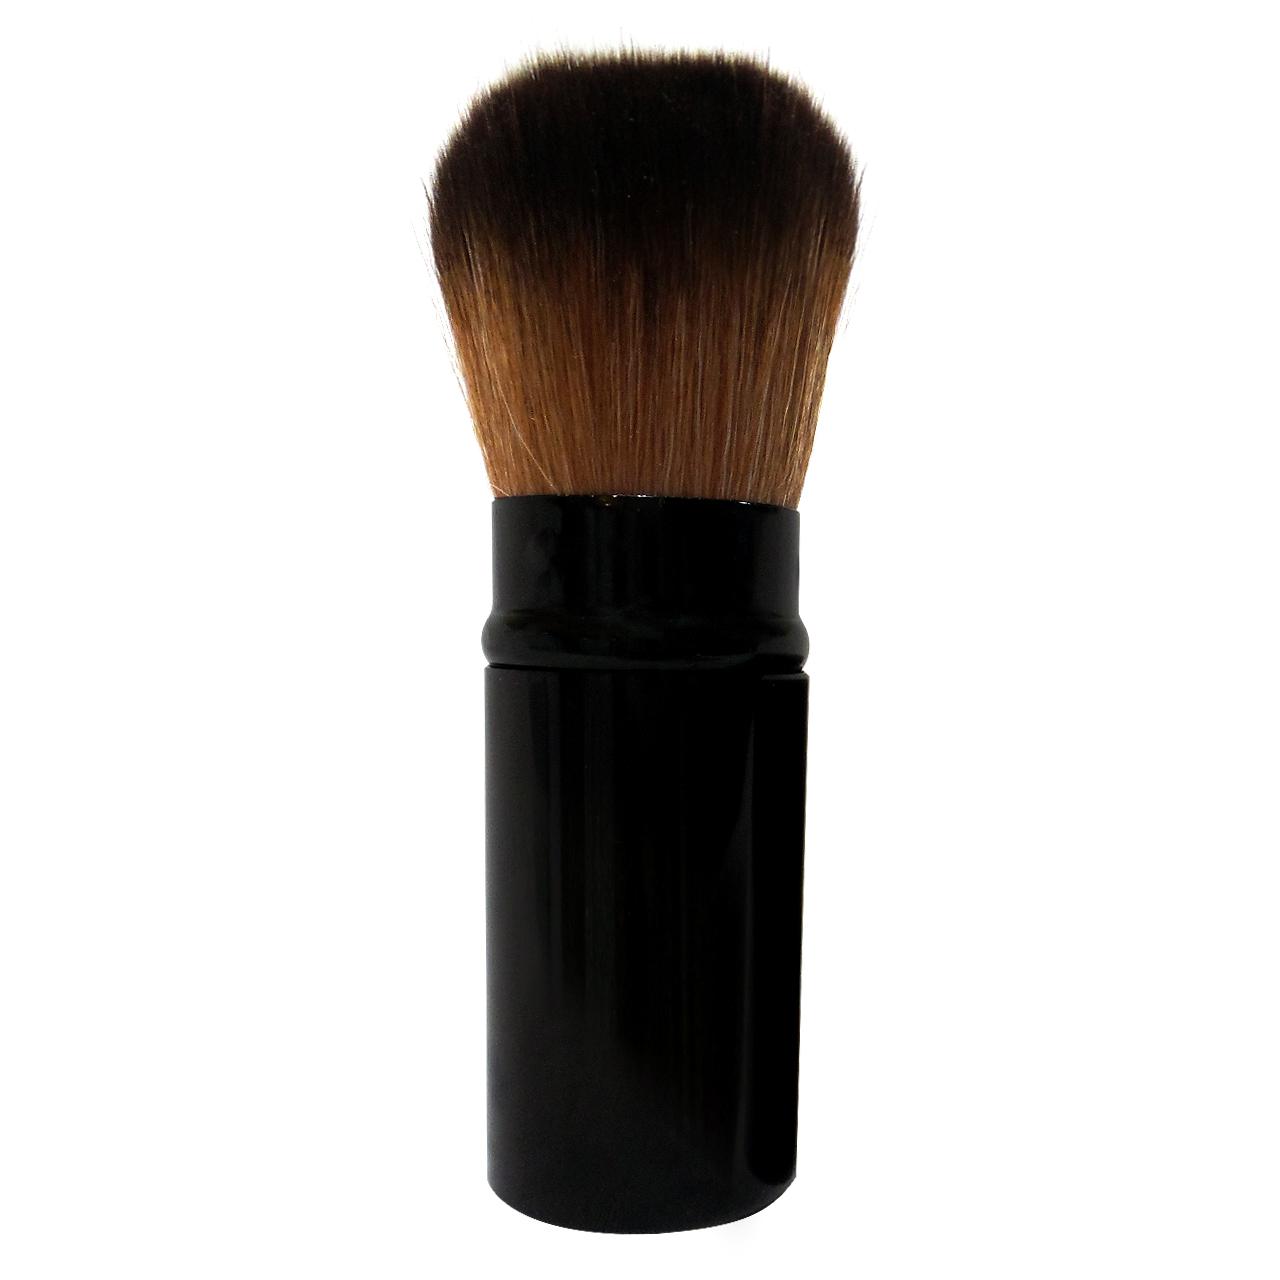 براش آرایشی تراکم بالا مدل 001-Kabuki